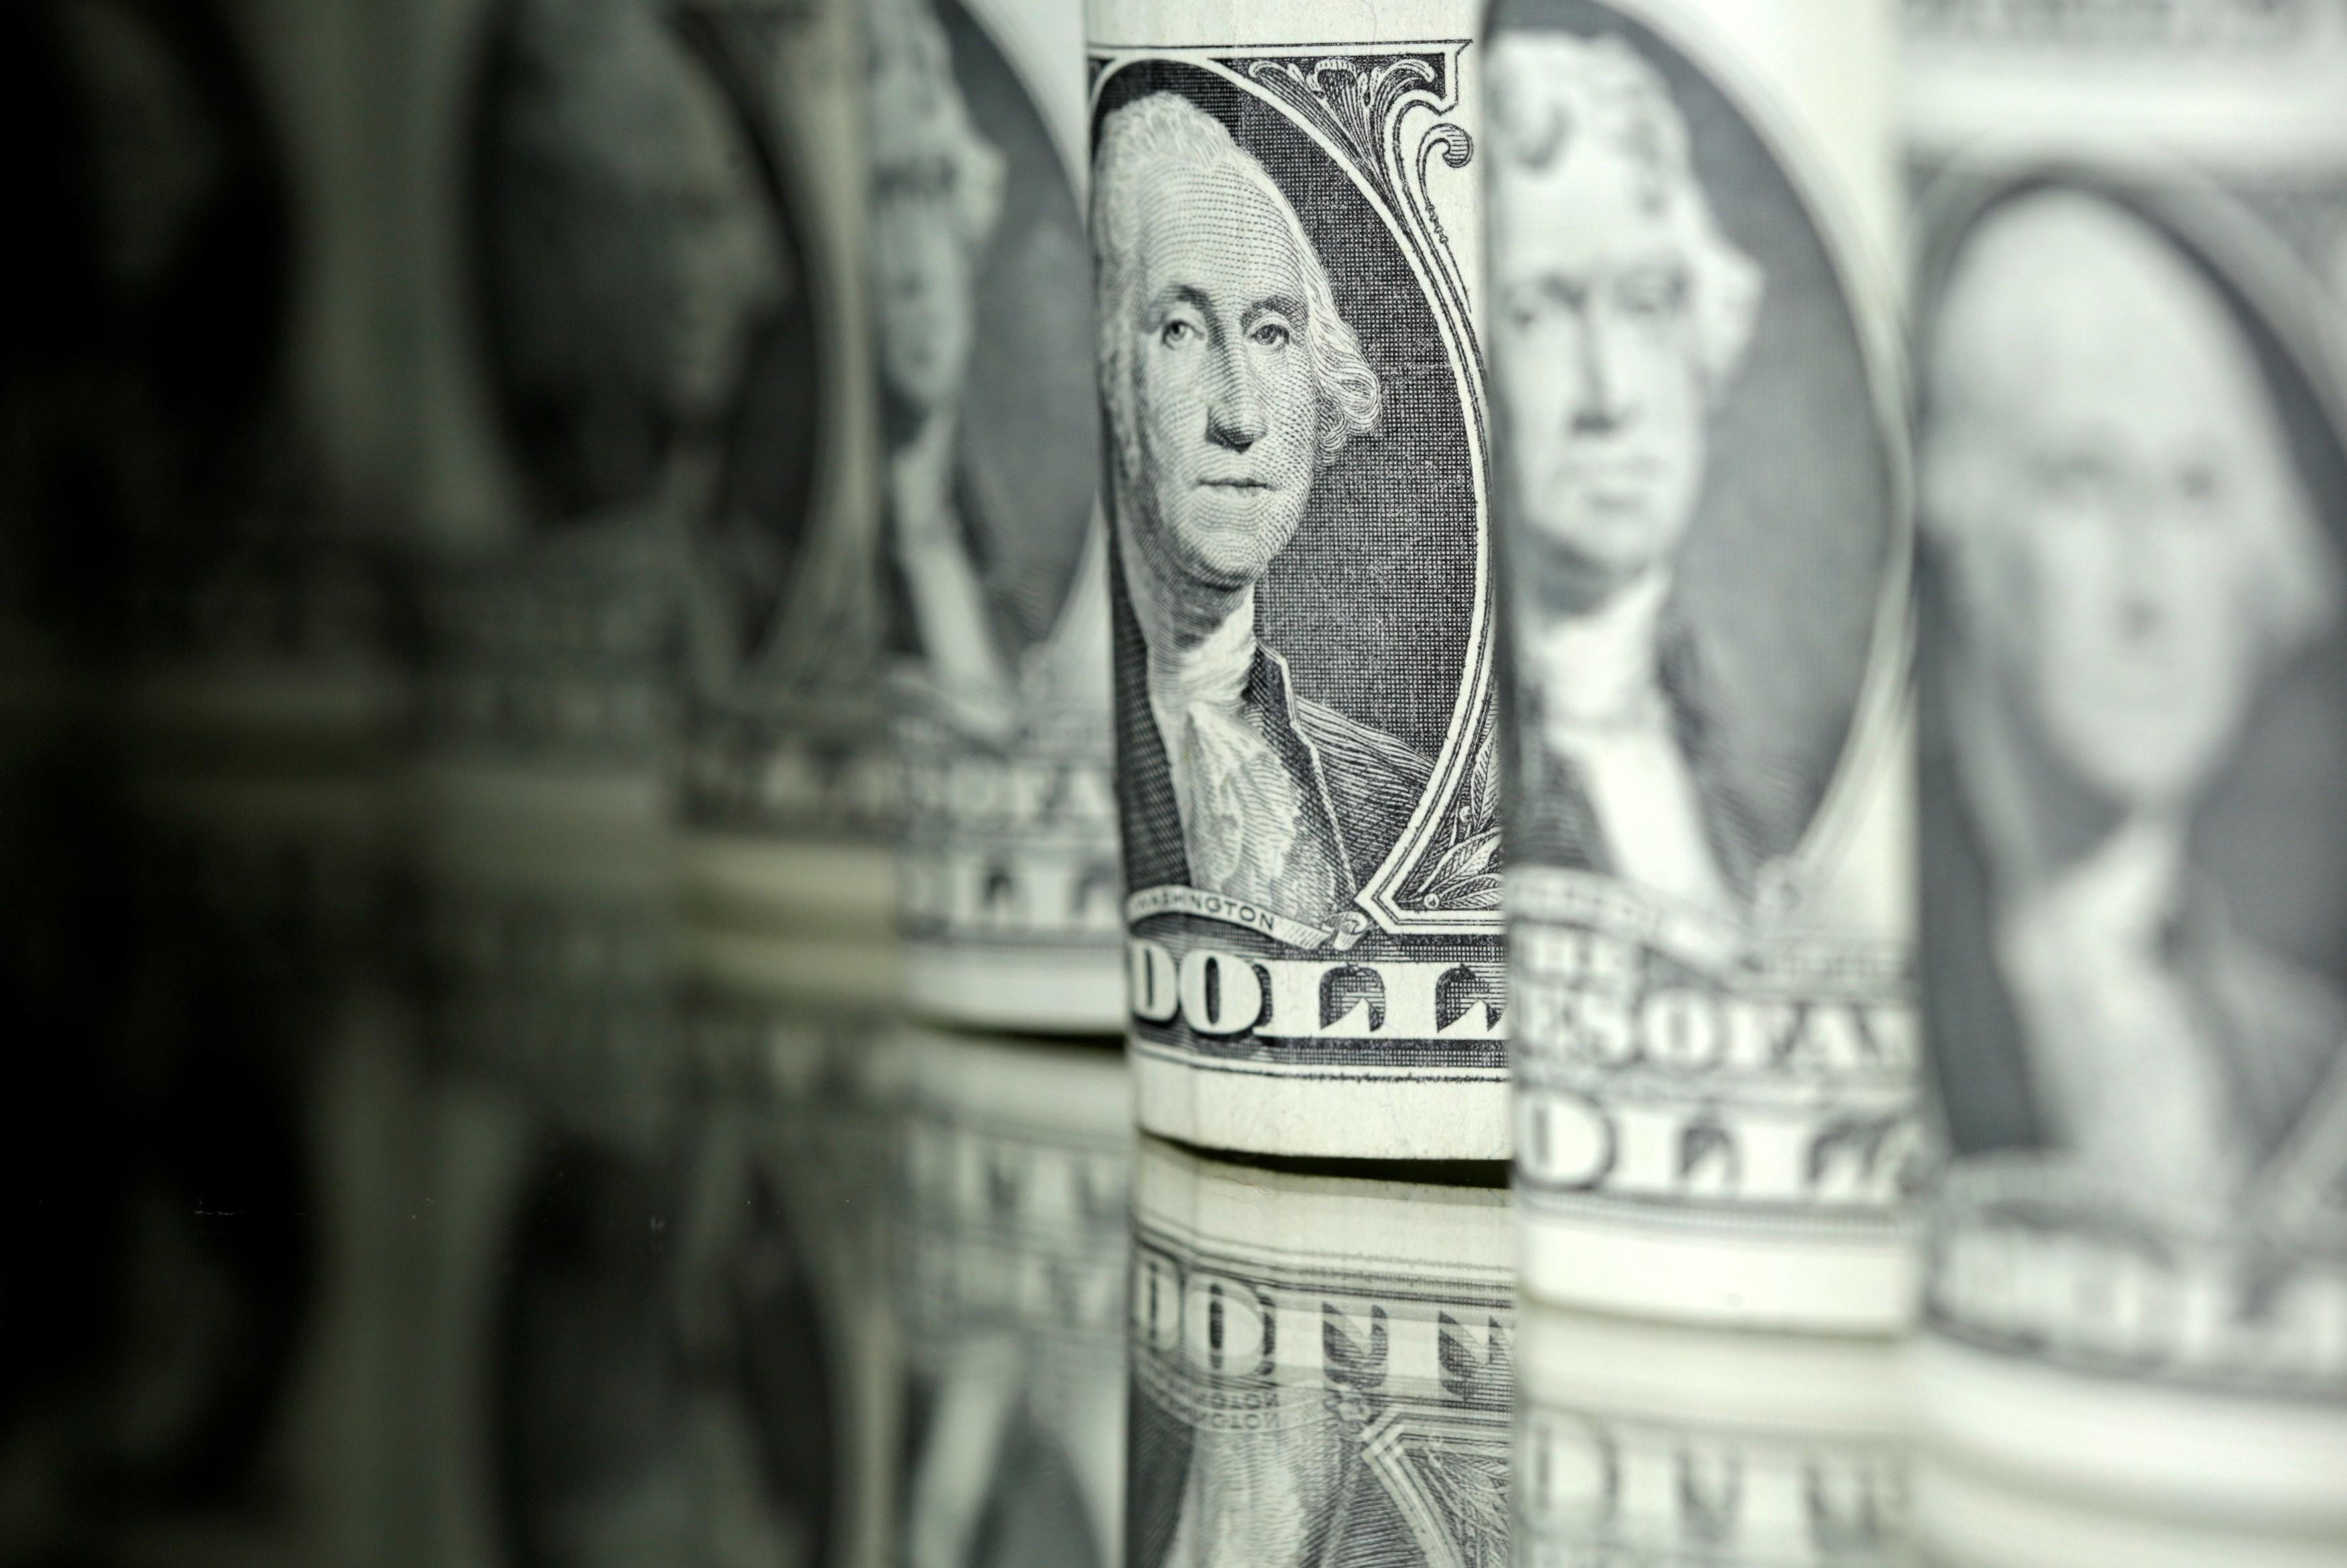 Dólar opera em alta e chega a passar de R$ 4,10 de olho no exterior  - Notícias - Plantão Diário